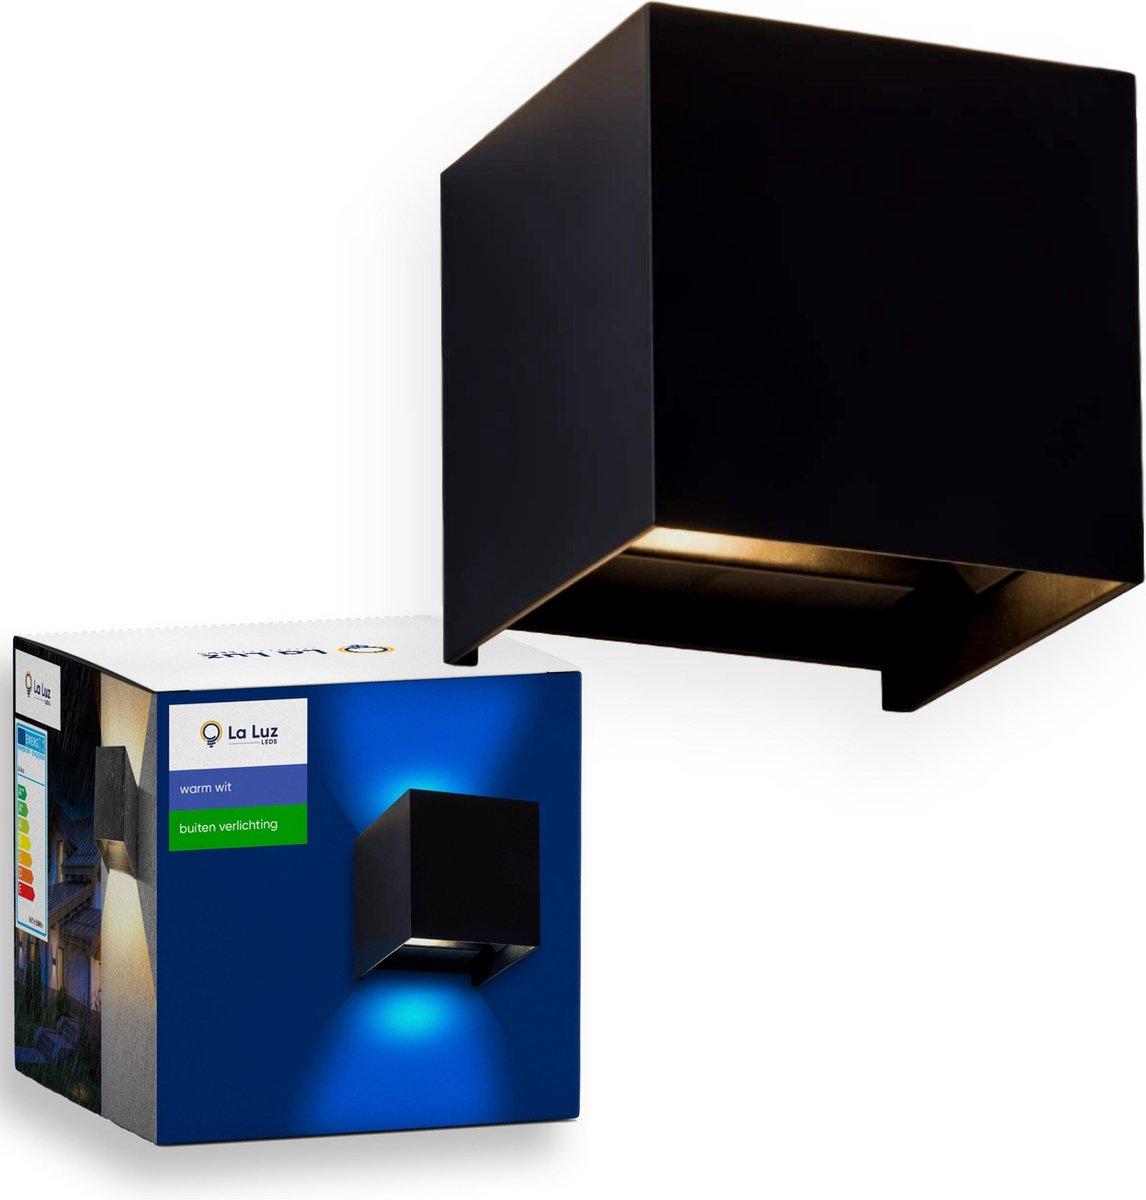 LED Wandlamp, Kubus - Buitenverlichting - Waterdicht - Warm Wit - Tuinverlichting - Aluminium - Zwar